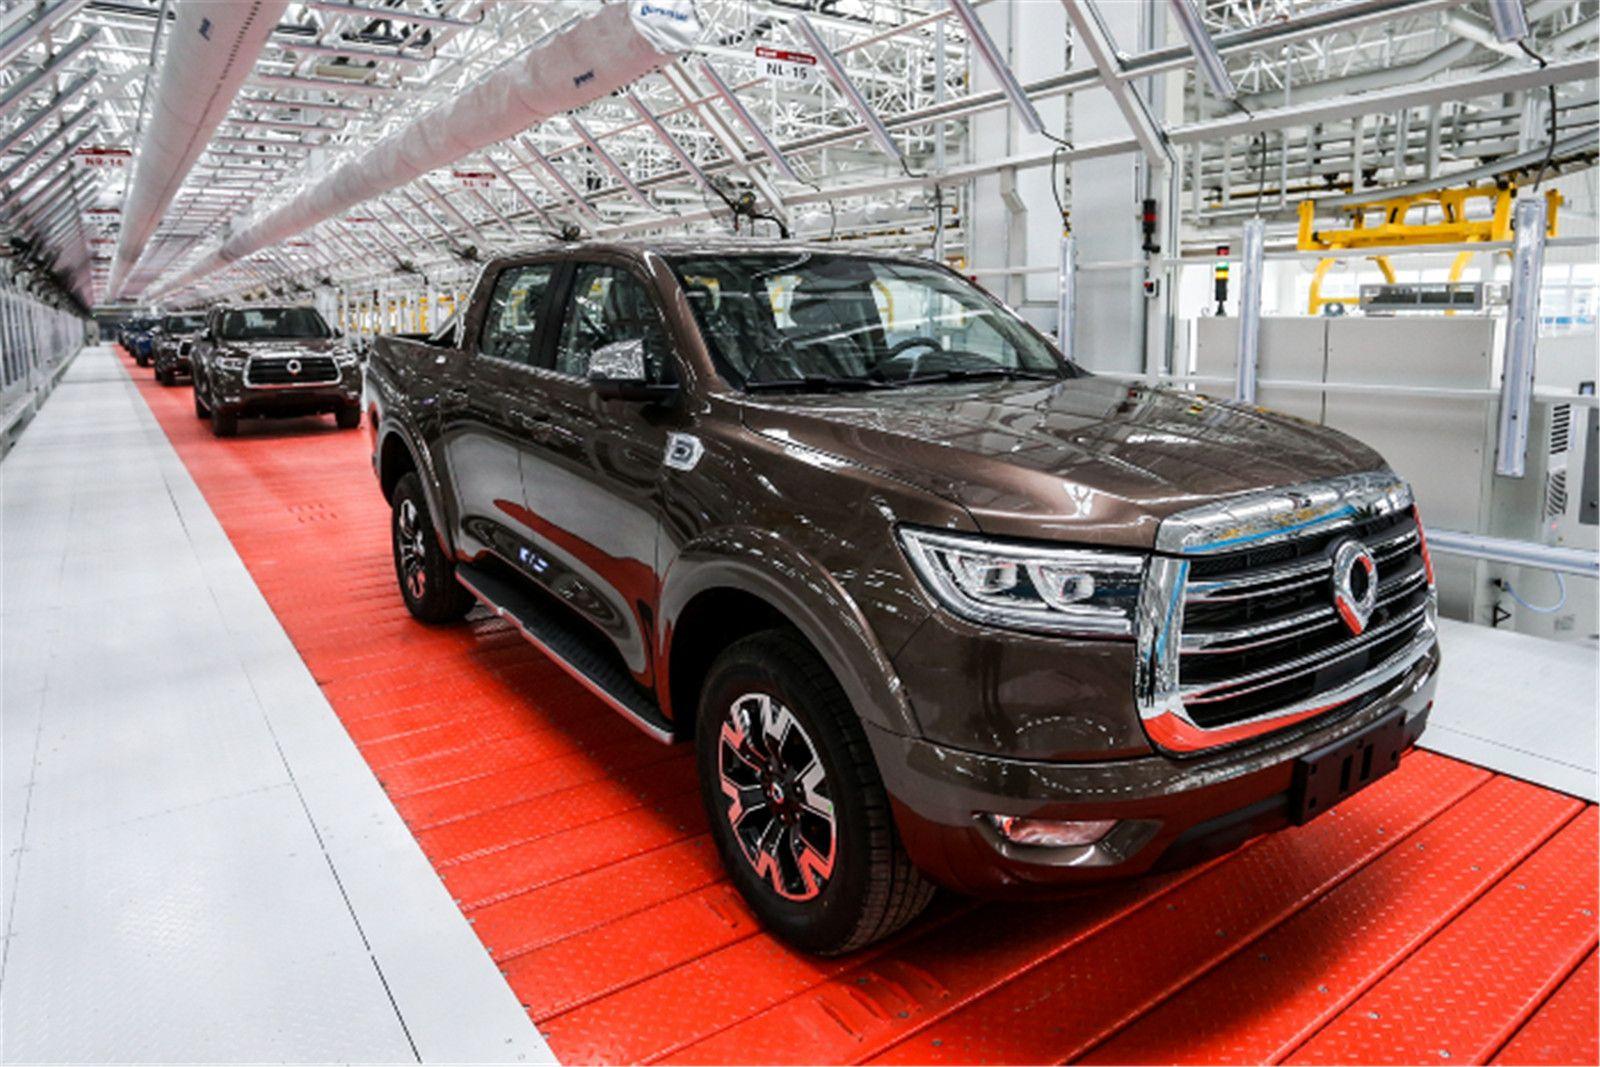 长城炮成新增长点  1-11月长城汽车销量突破95万辆